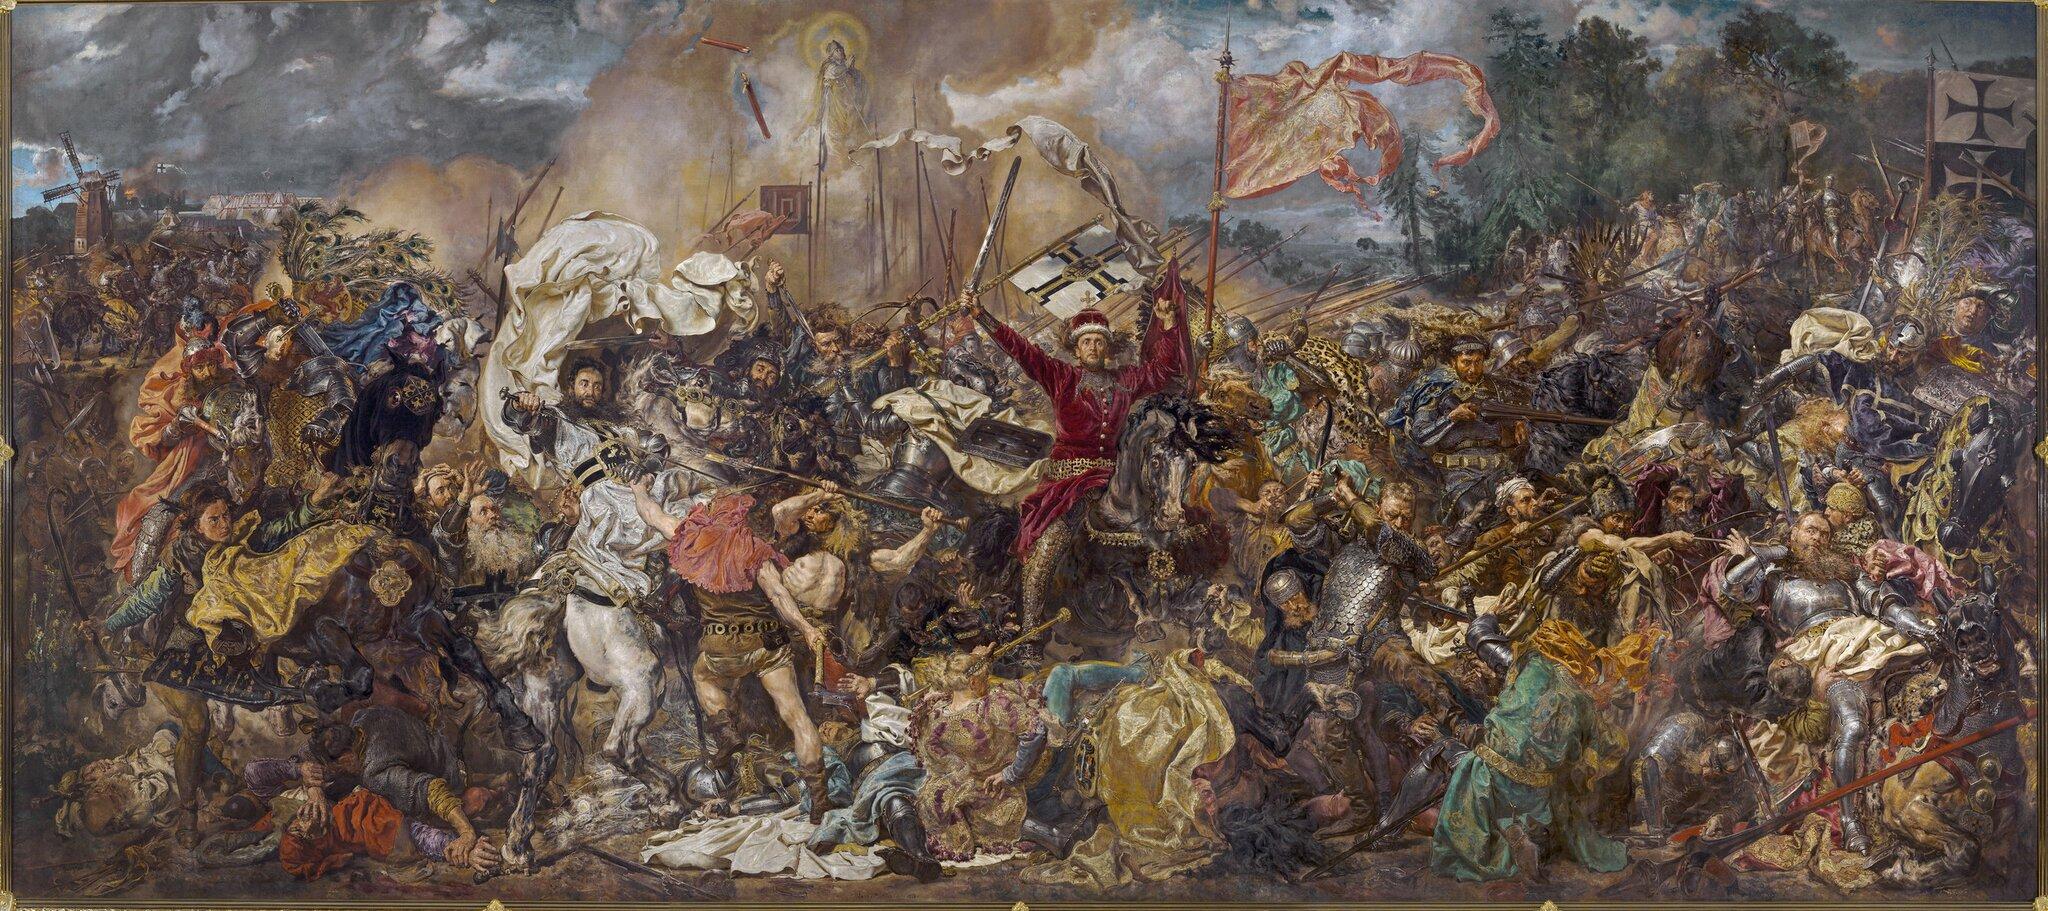 Jan Matejko, Bitwa pod Grunwaldem,1878 Jan Matejko, Bitwa pod Grunwaldem,1878 Źródło: olej na płótnie, Muzeum Narodowe wWarszawie, domena publiczna.